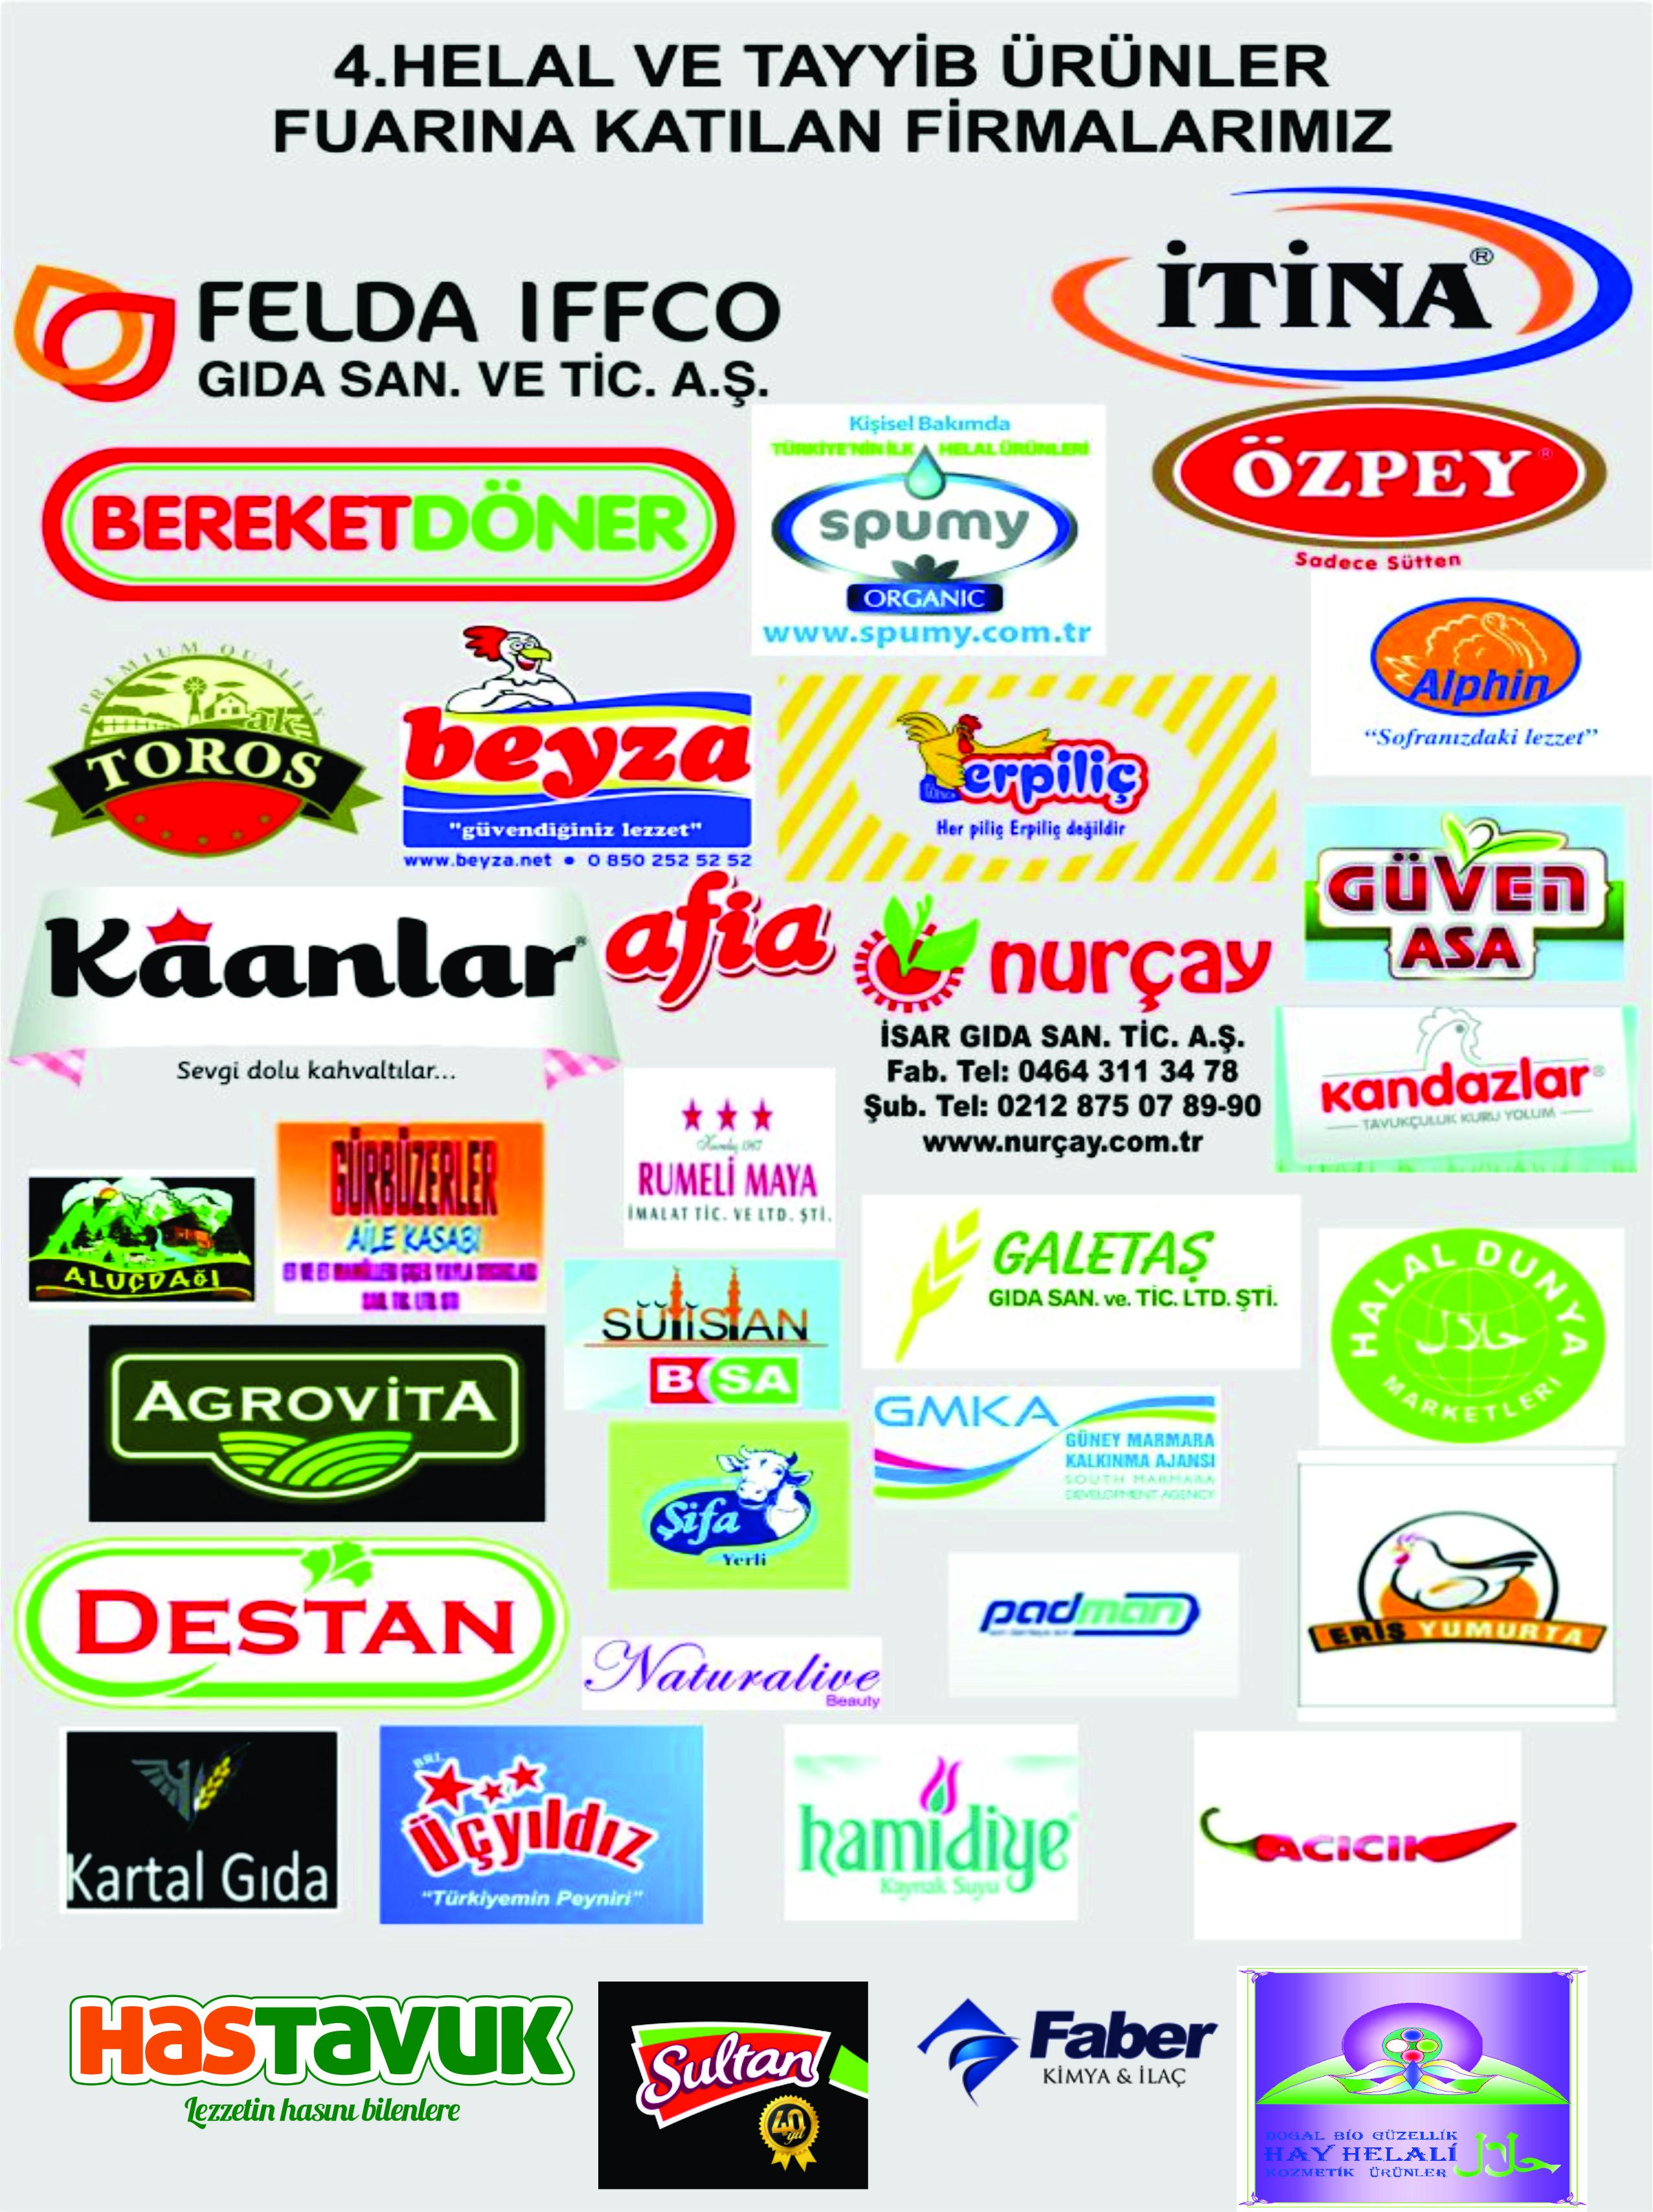 4.Helal ve Tayyib Ürünler fuarına katılan firmalarımız ...